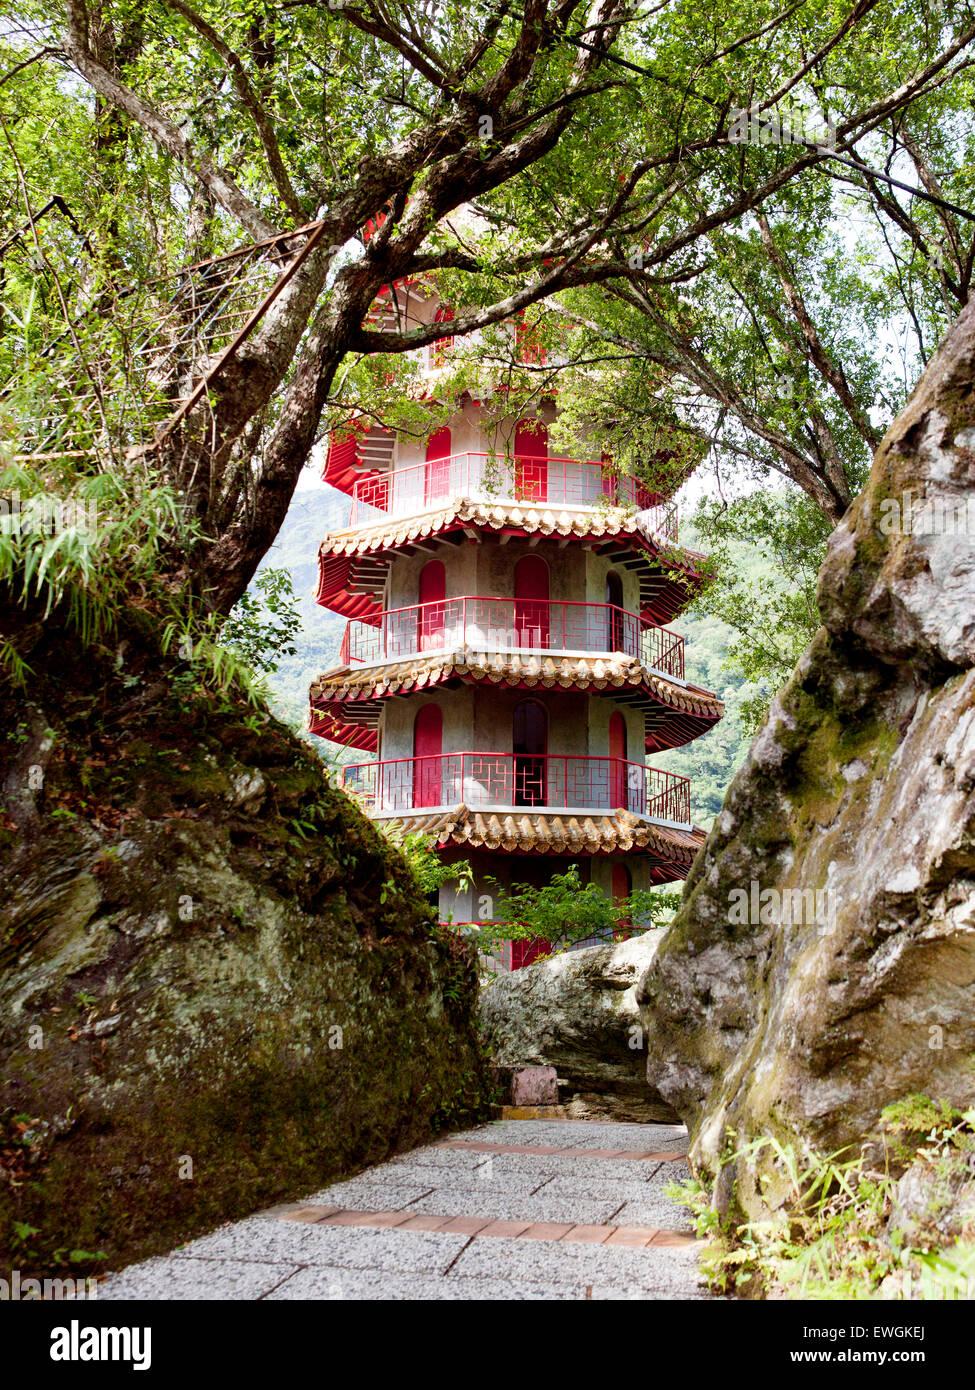 Hsiang-te (Tienhsiang ) Pagoda. Taroko Gorge. Taiwan. - Stock Image